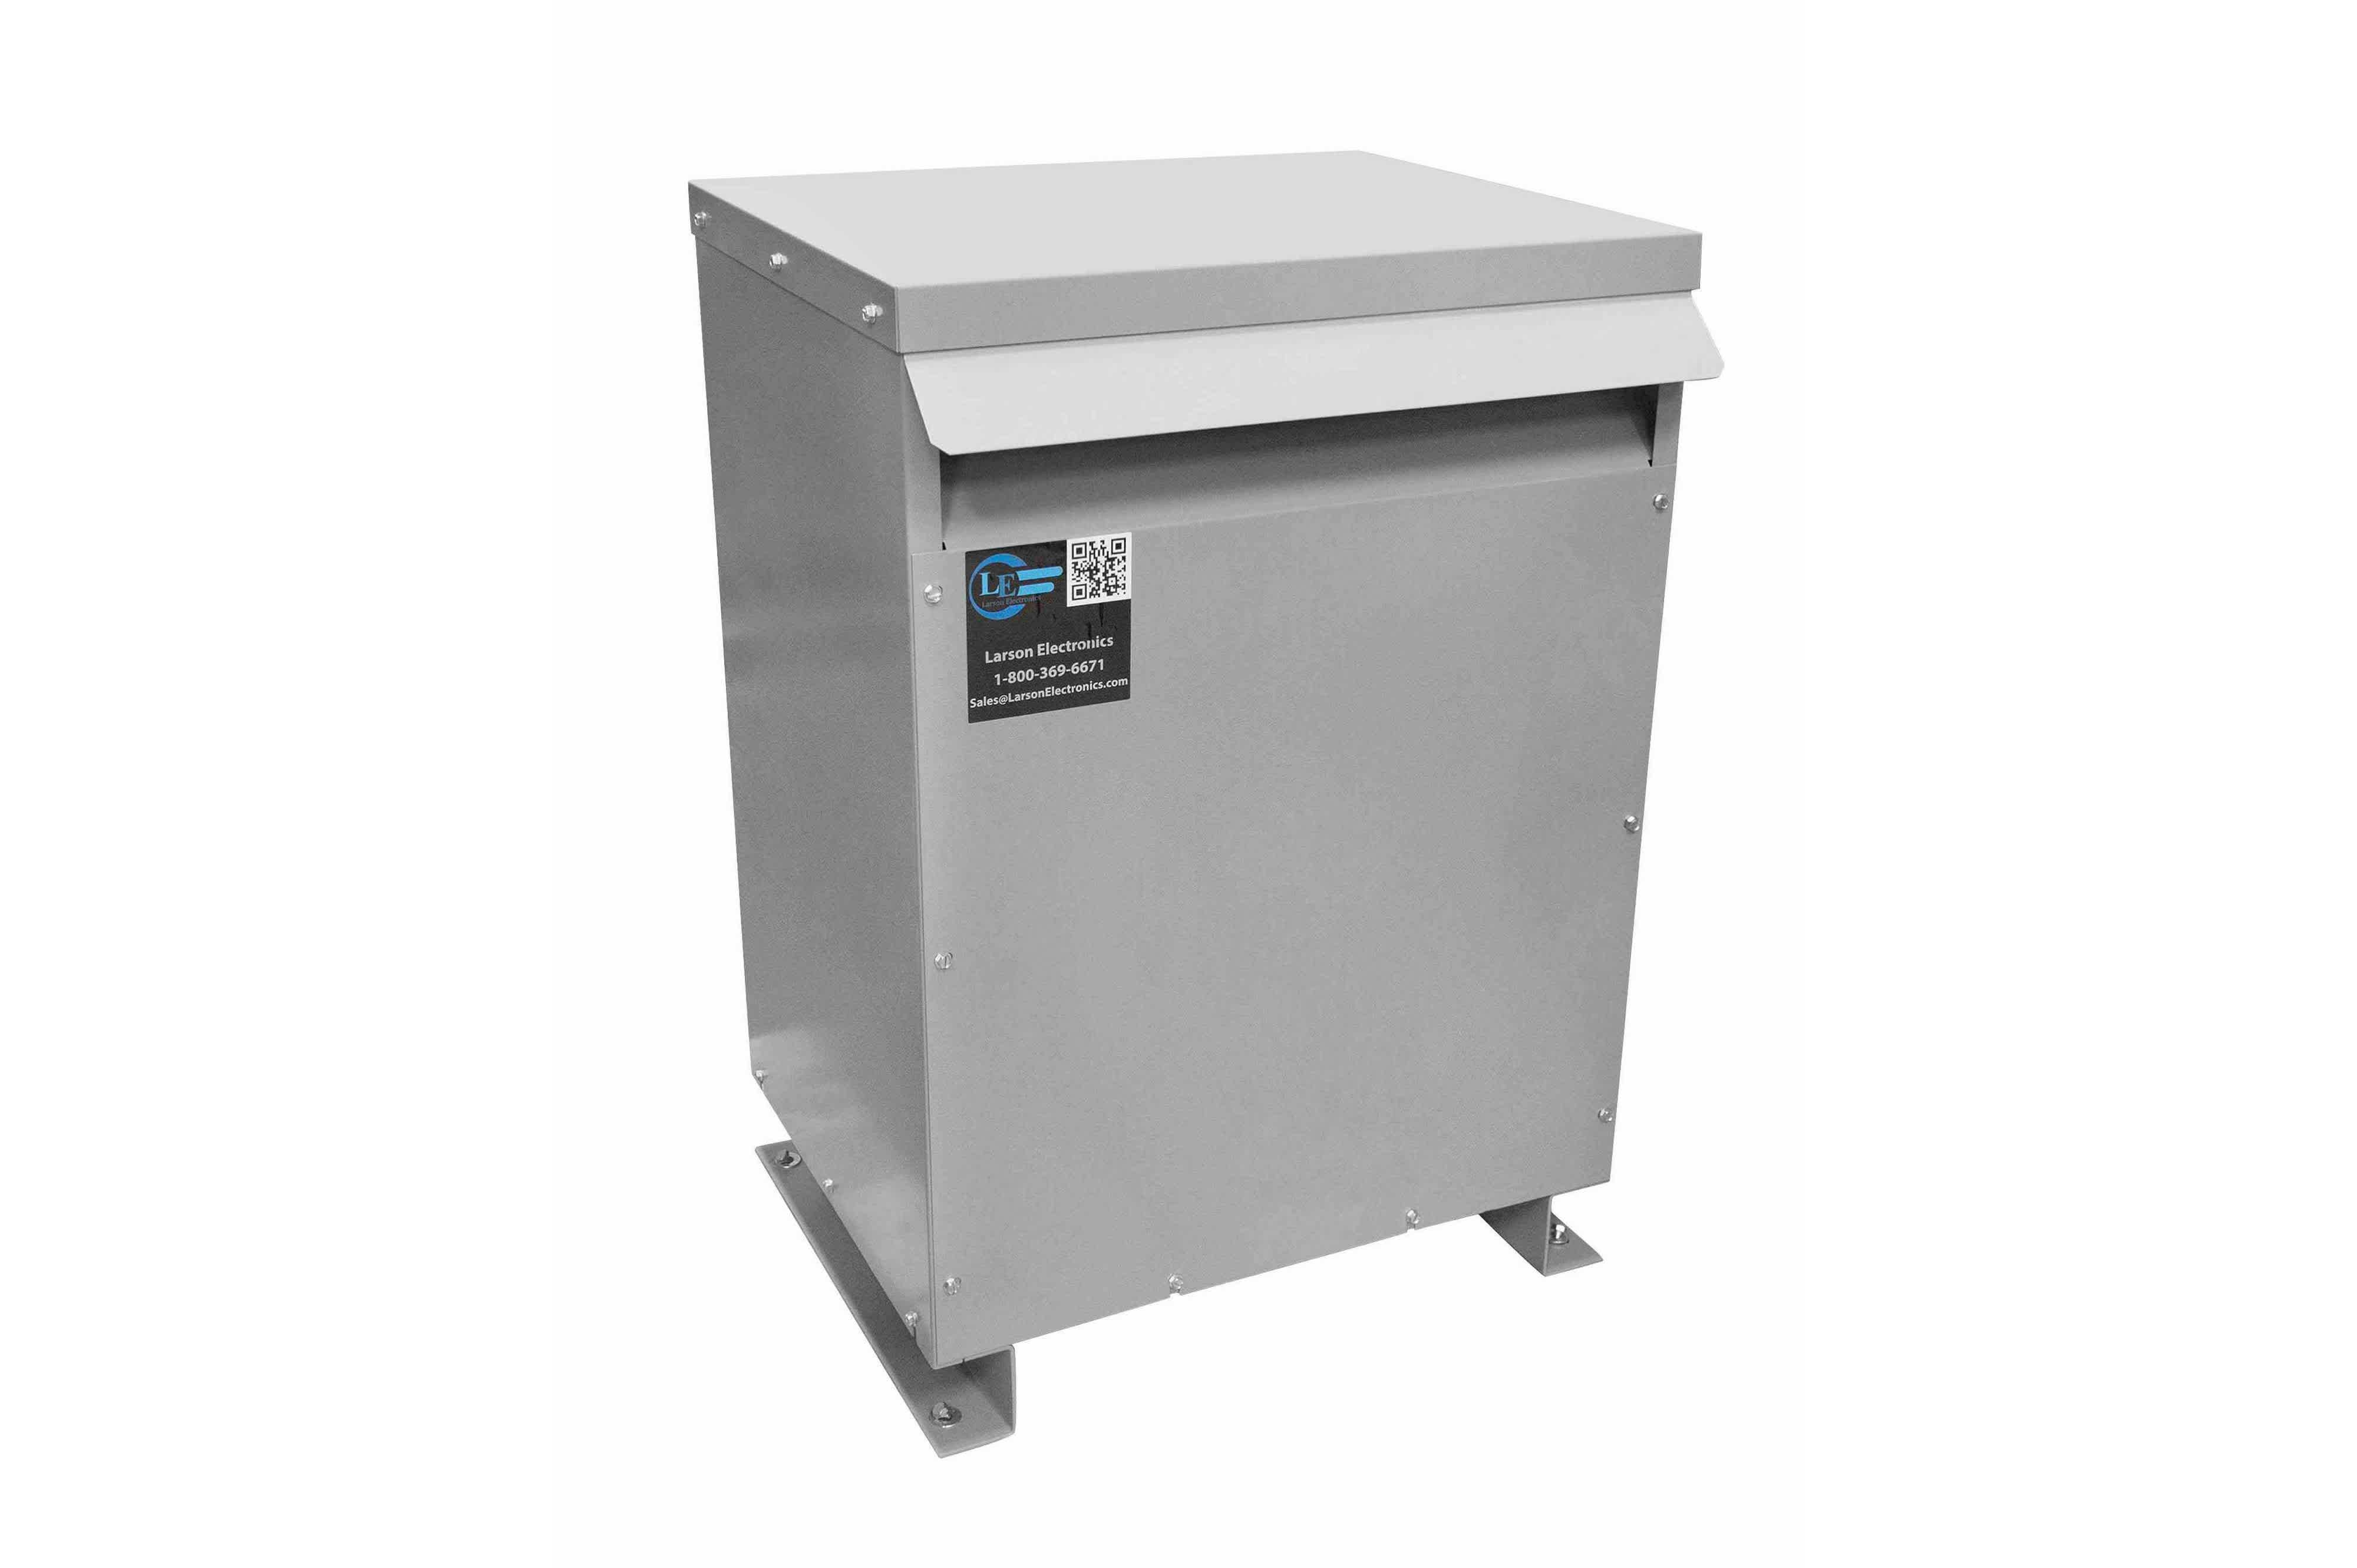 80 kVA 3PH Isolation Transformer, 400V Delta Primary, 600V Delta Secondary, N3R, Ventilated, 60 Hz